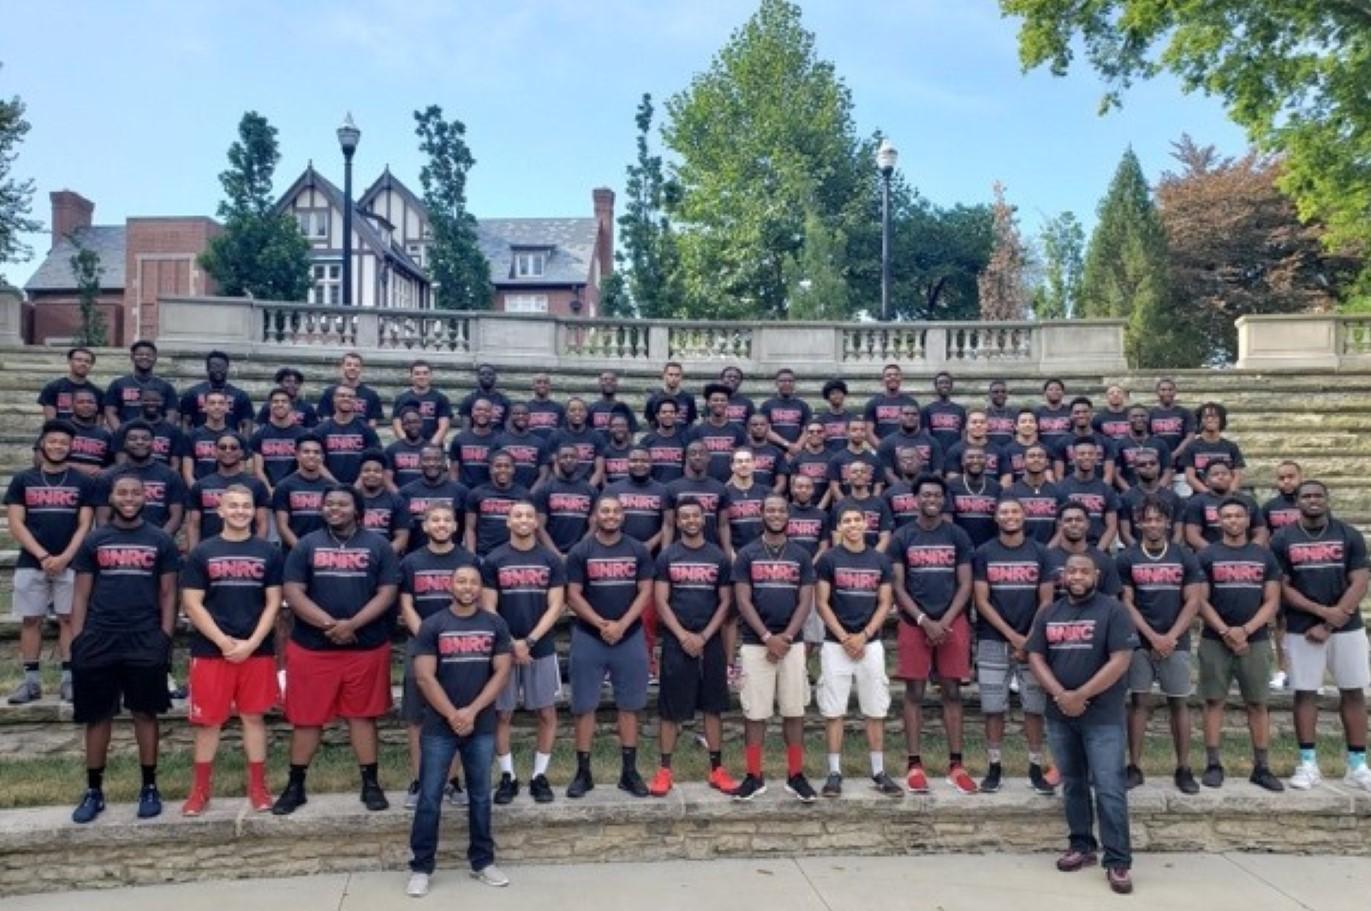 2019 BNRC EAP participants